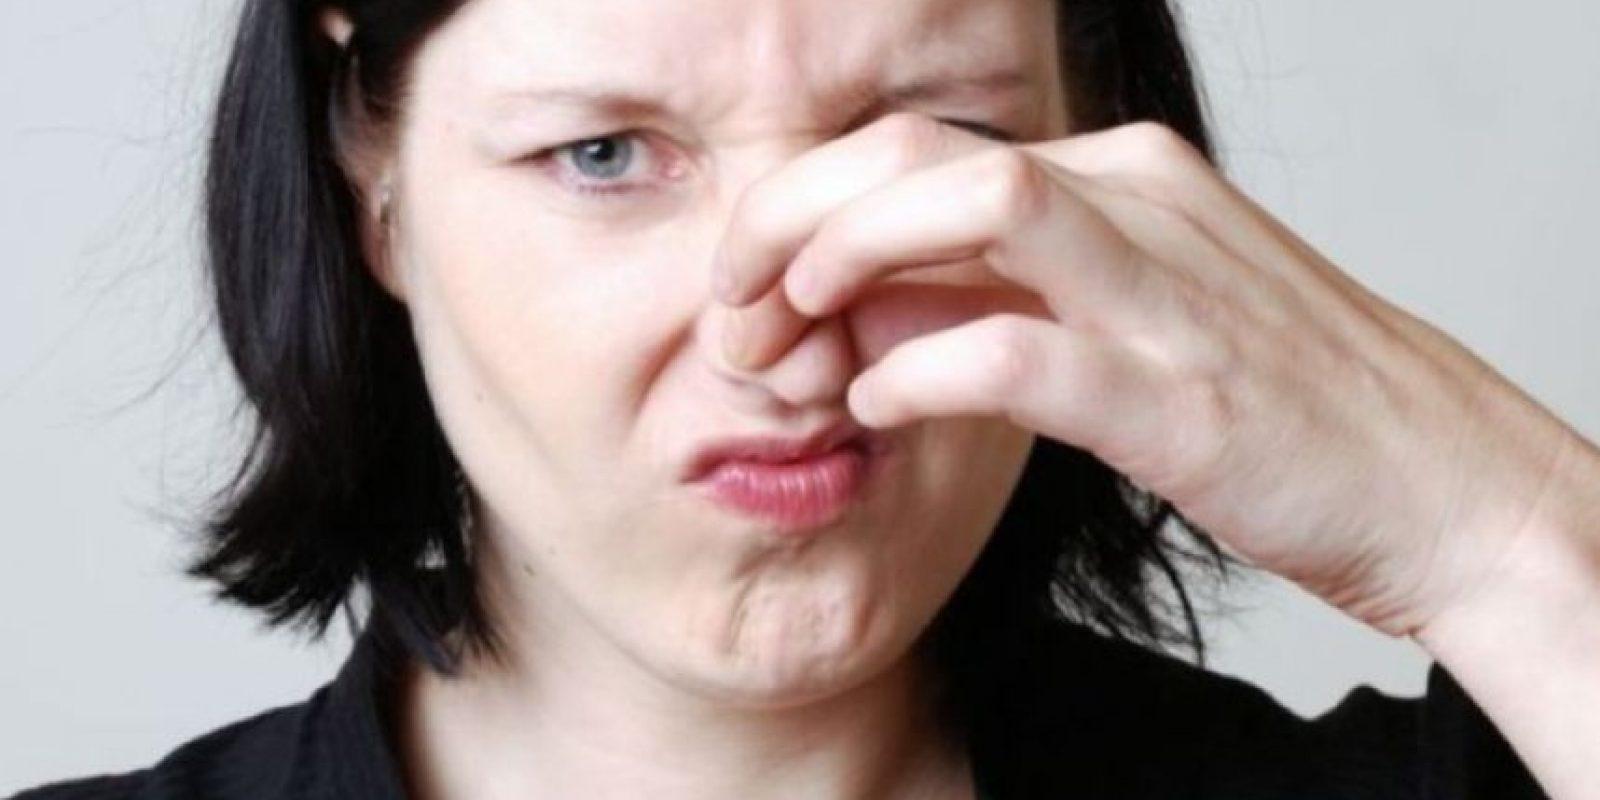 Clem tuvo un bypass gástrico hace poco. Y por eso ahora sufre las consecuencias: gases y diarrea, explicó su esposa. Su jefe, Thomas Dolan, afirmó que los visitantes estaban quejándose por los olores. Foto:Tumblr.com